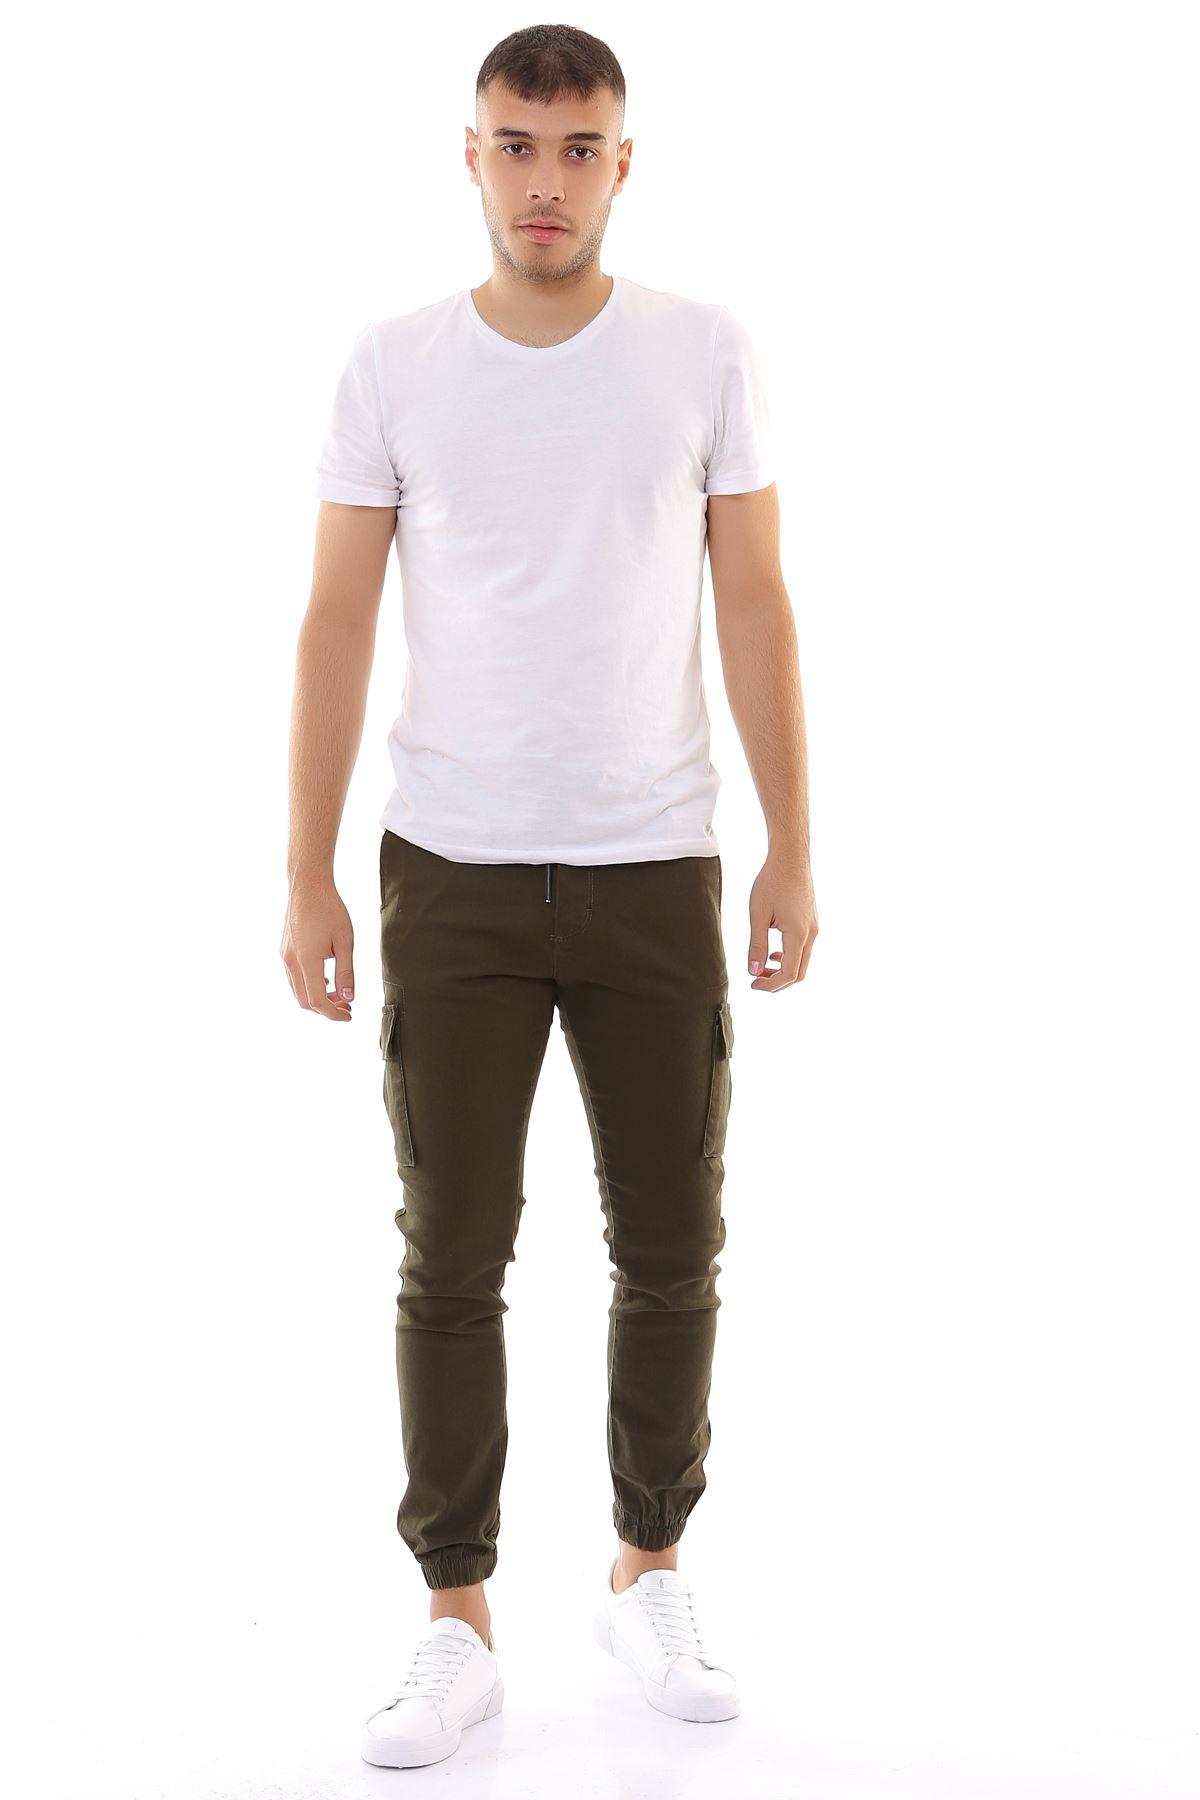 Beli İpli Paçası Lastikli Likralı Keten Kargo Haki Pantolon